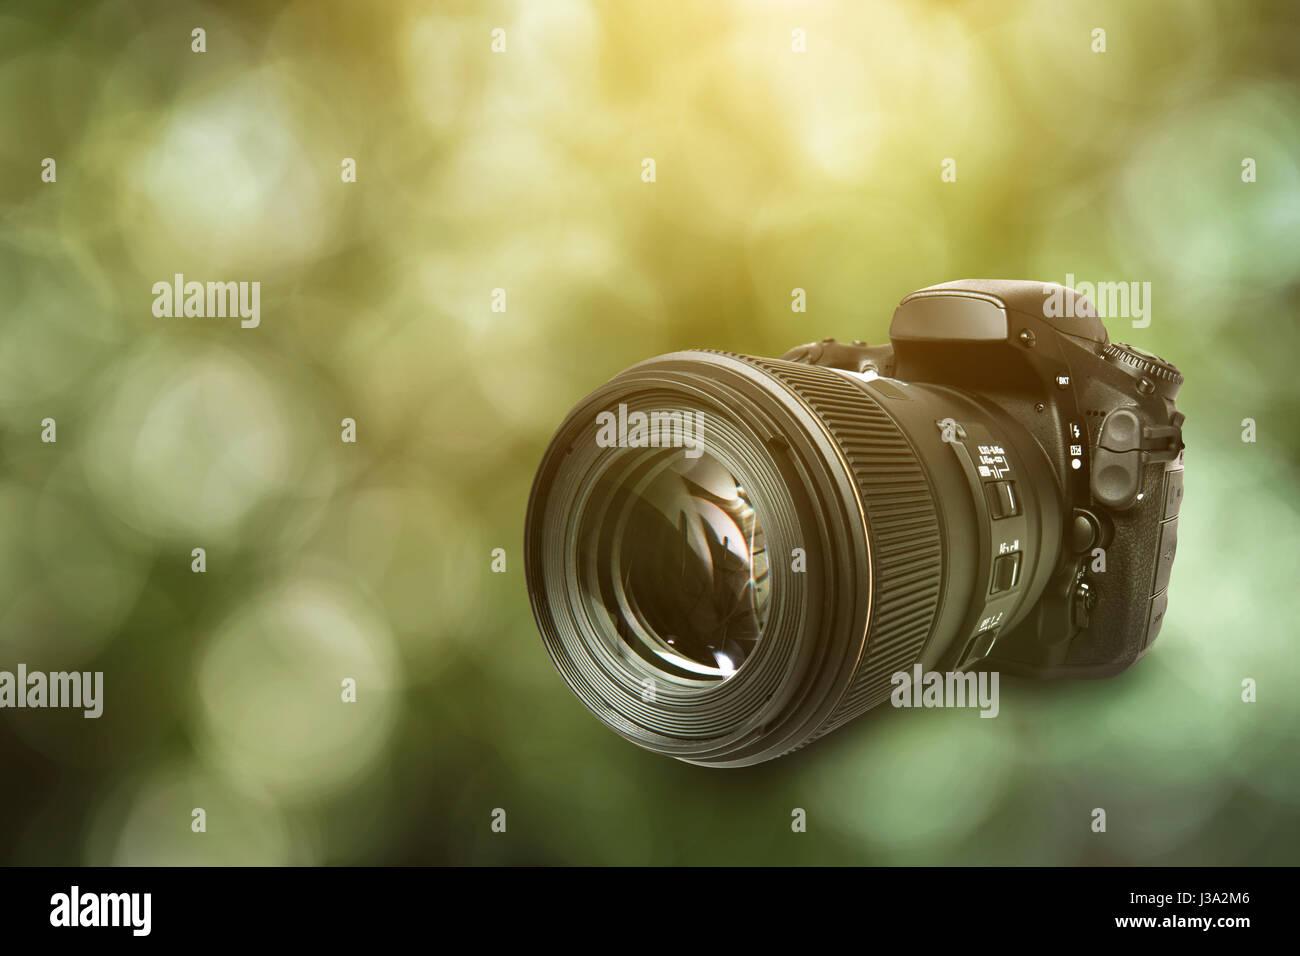 Appareil photo reflex numérique sur fond vert Banque D'Images